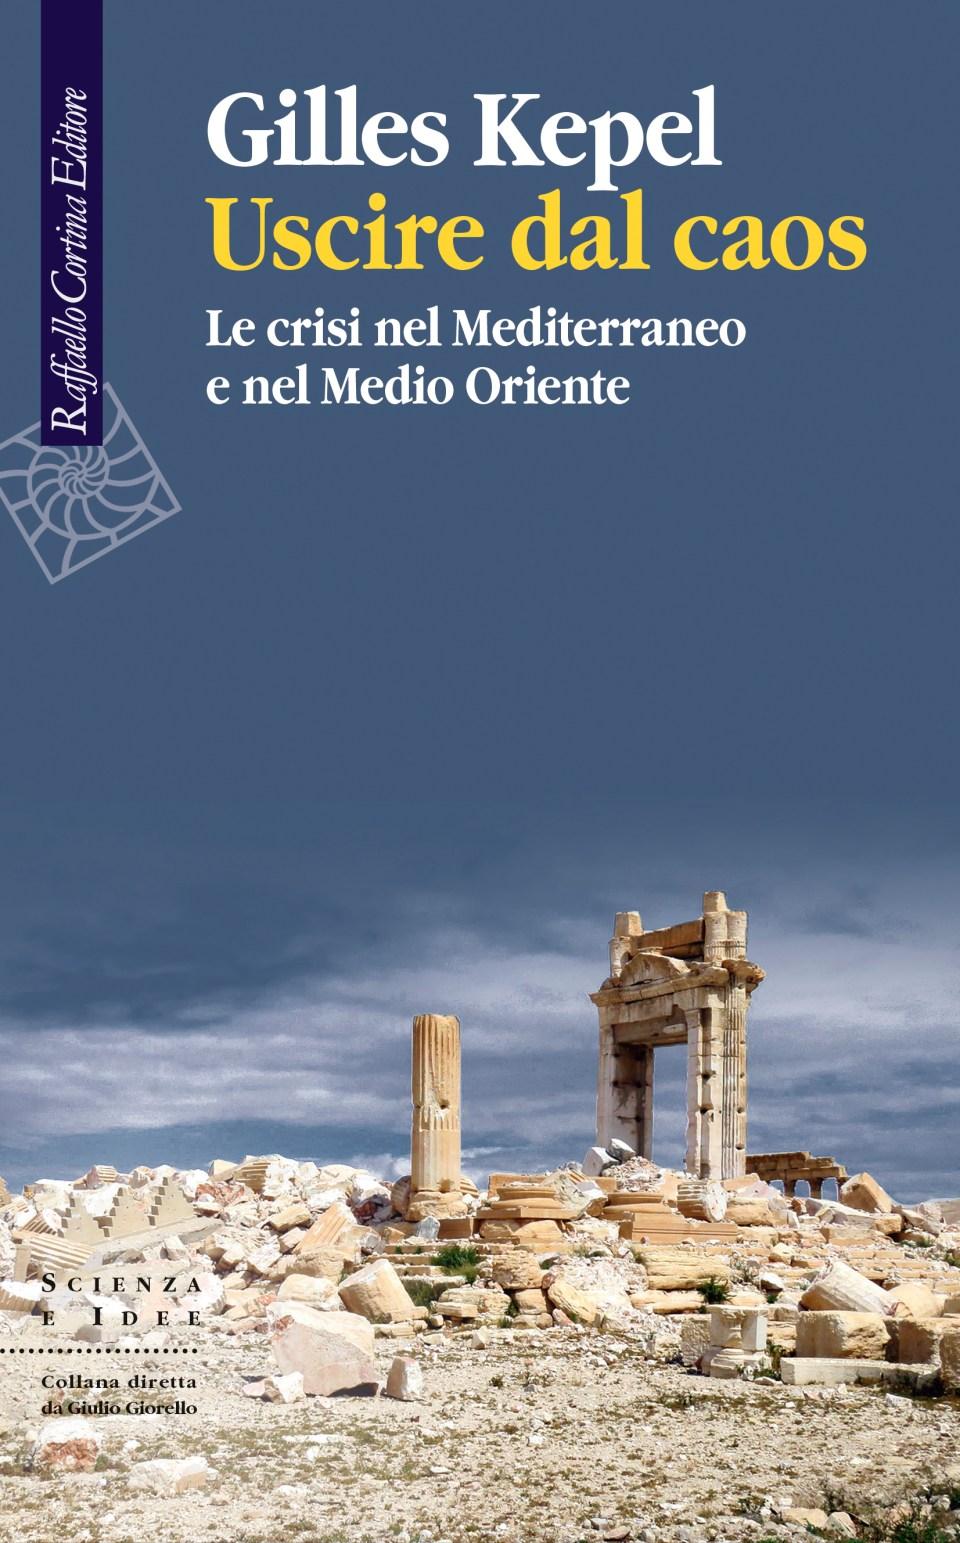 USCIRE DAL CAOS. LE CRISI NEL MEDITERRANEO E NEL MEDIO ORIENTE Book Cover